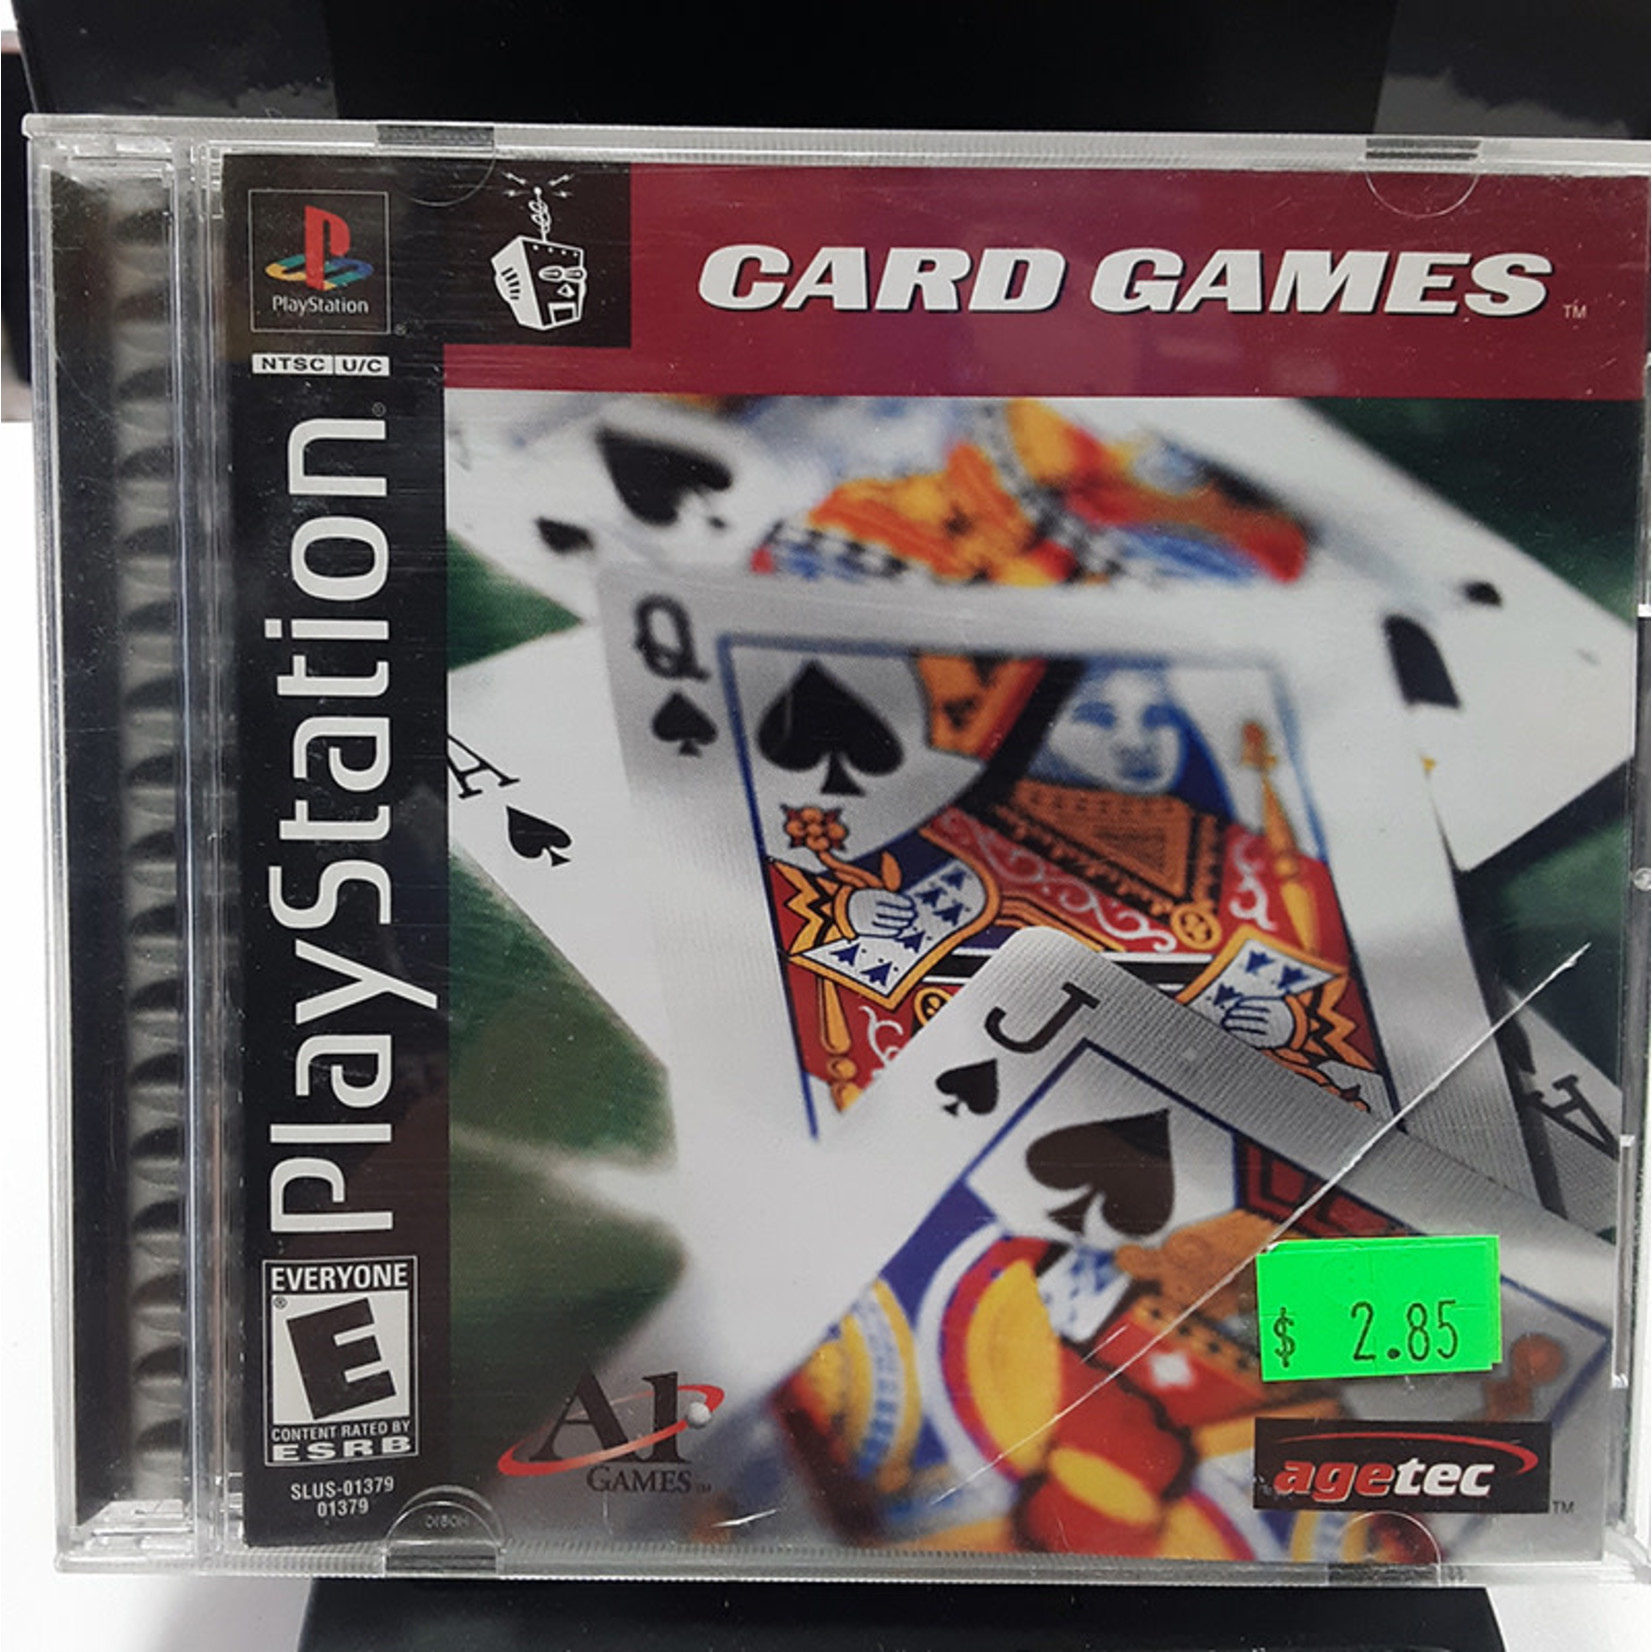 ps1u-Card Games